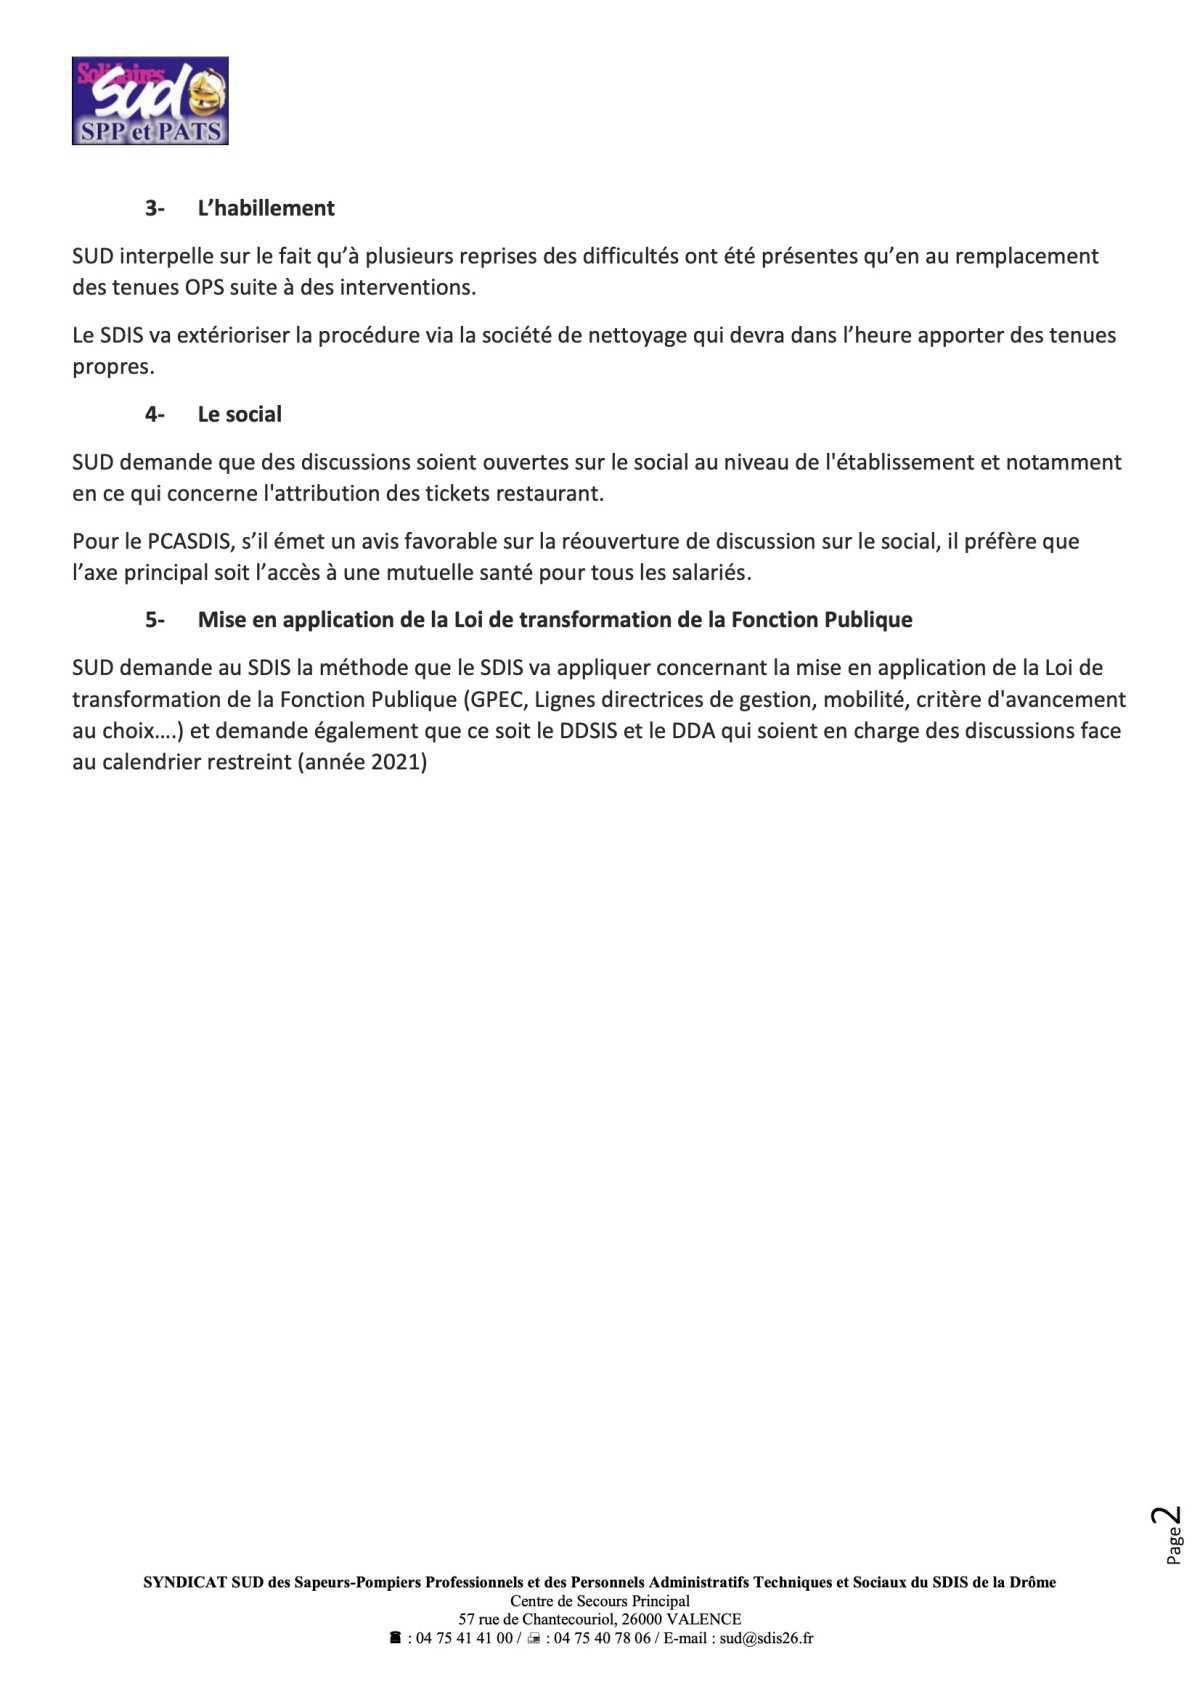 Compte rendu rencontre PCASDIS / SUD 26 du 6 octobre 2020